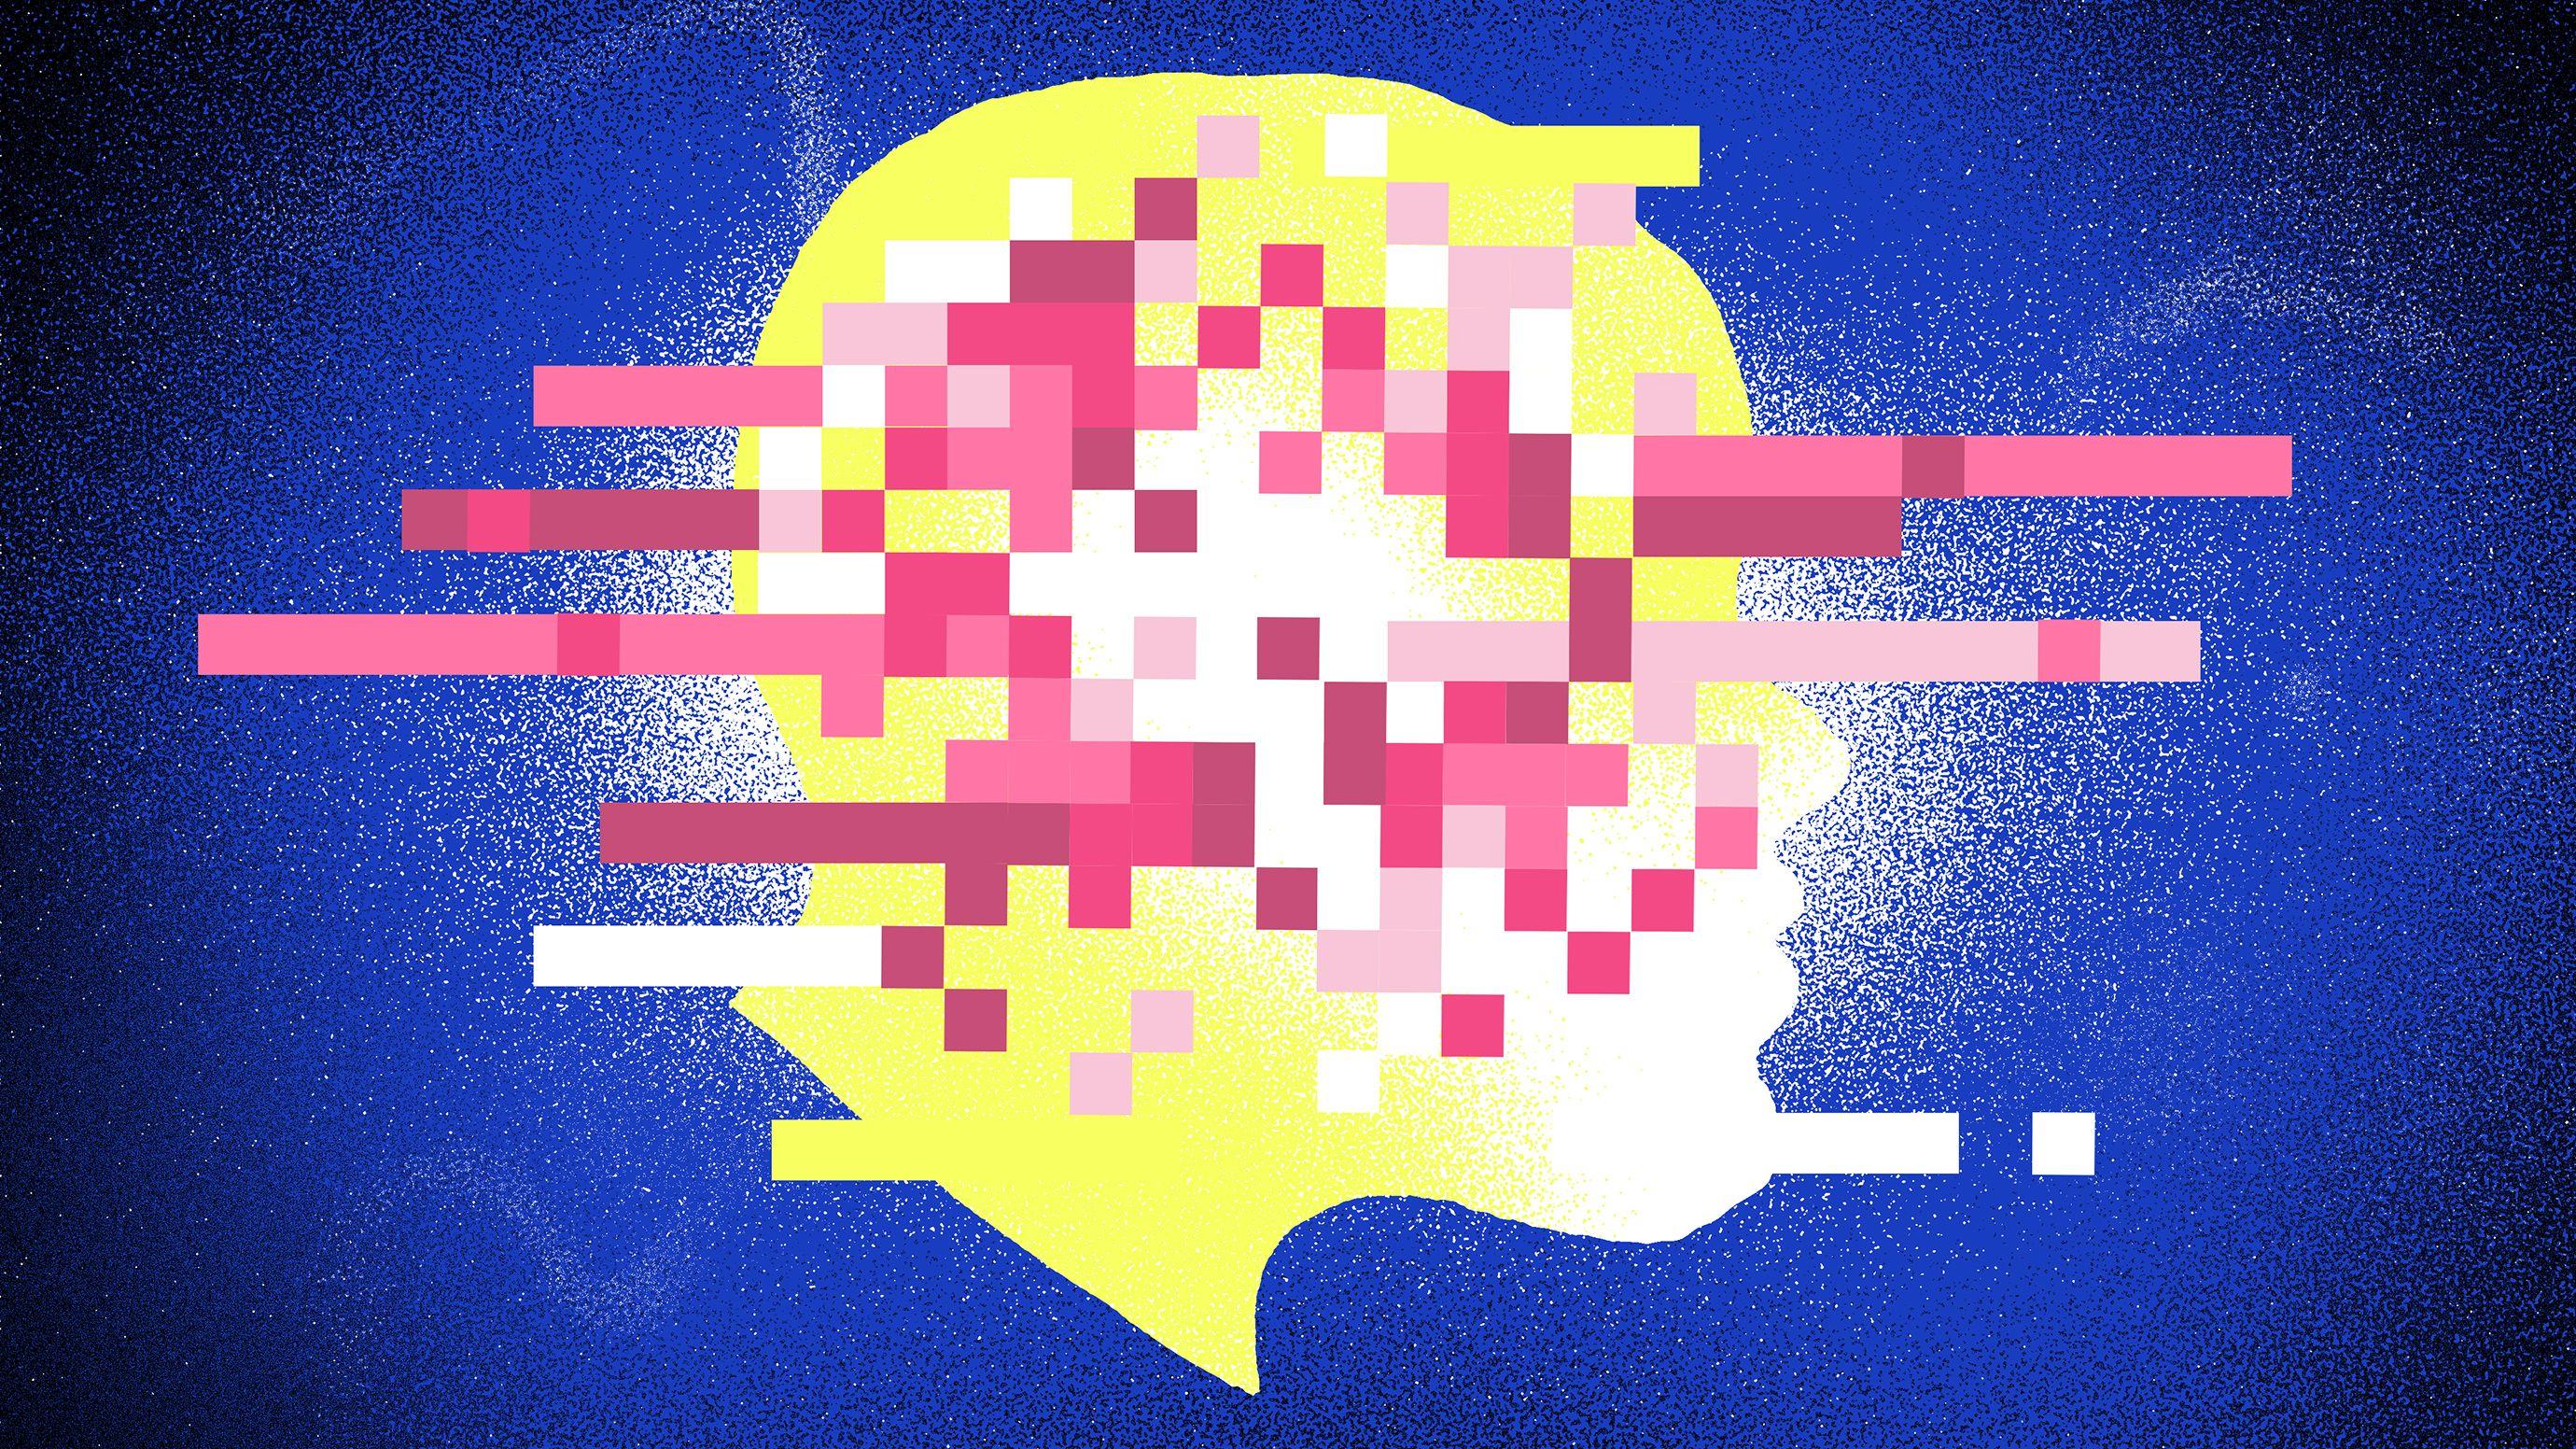 深層学習の終わりの始まり arXiv投稿論文に見る AI研究のトレンド